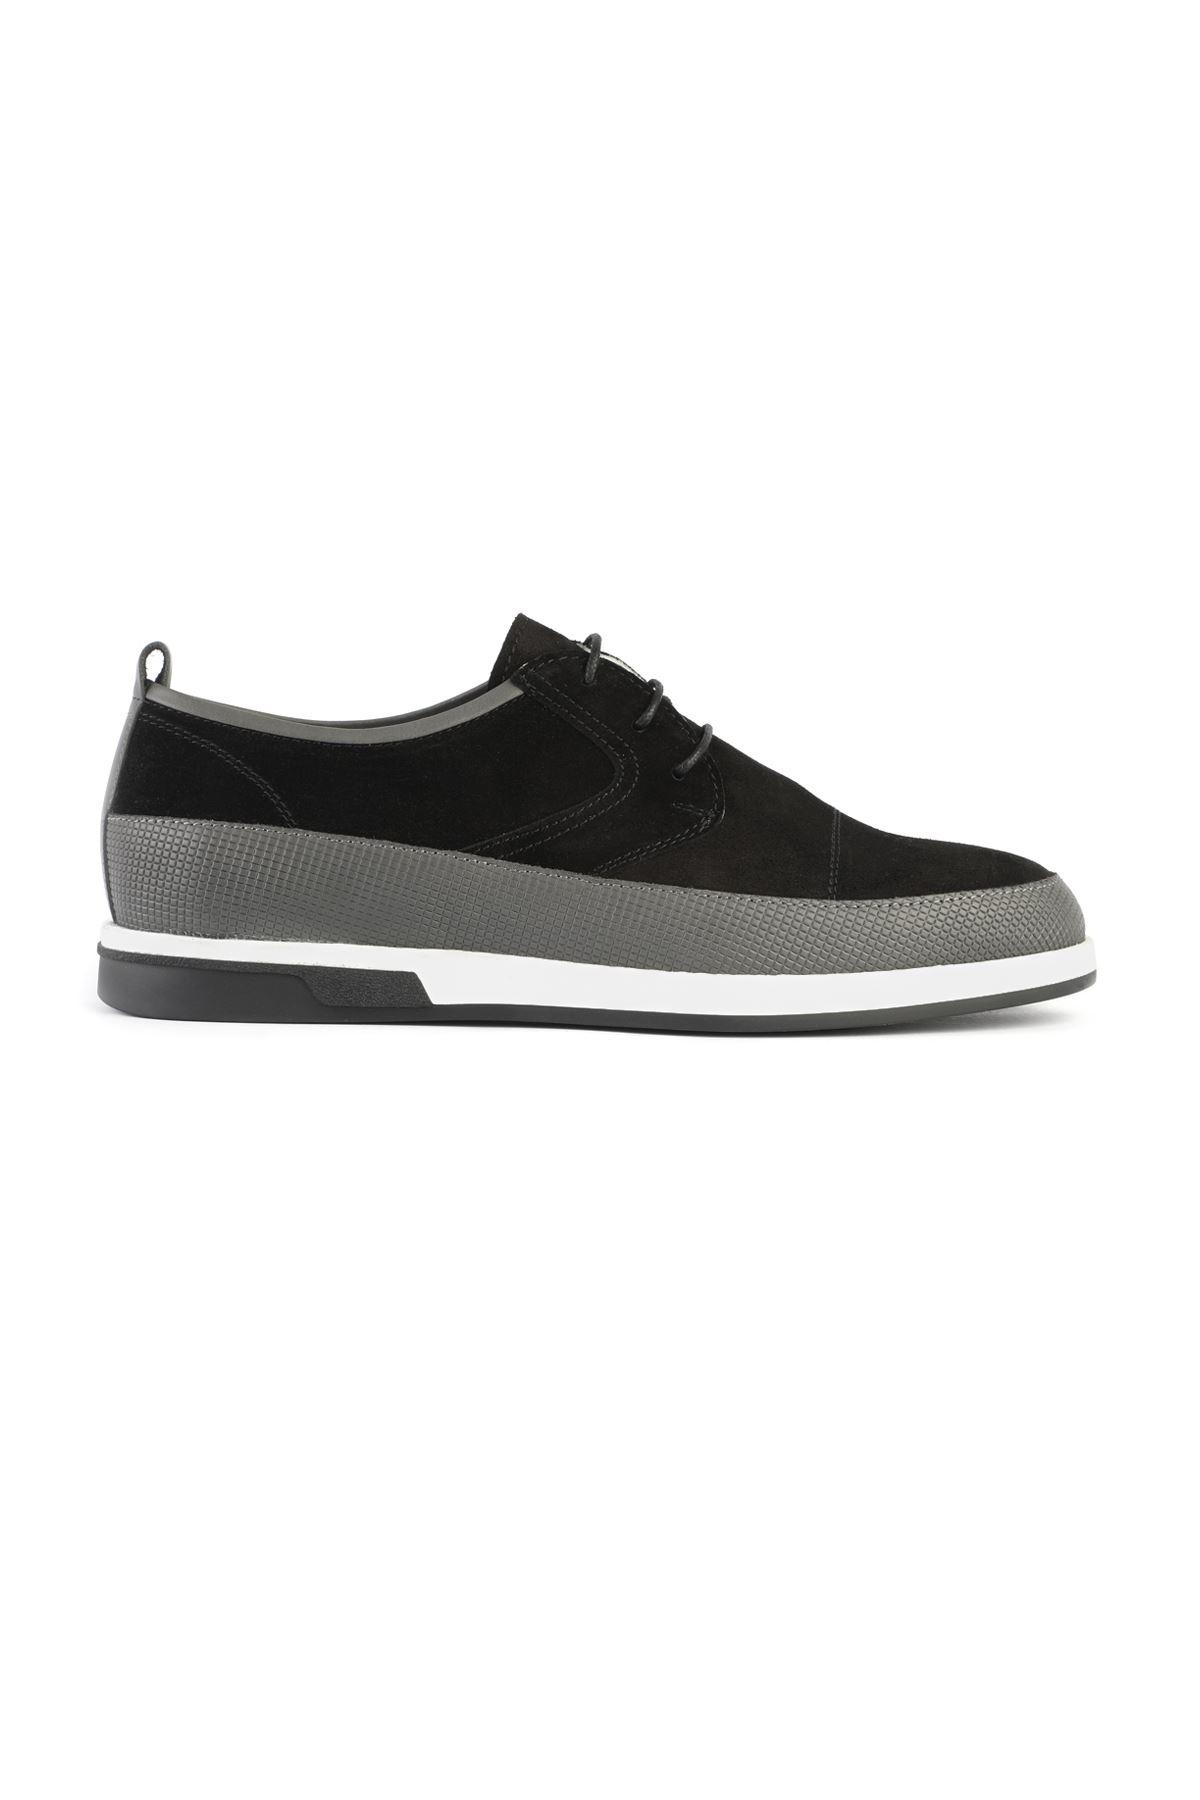 Libero 3367 Siyah Loafer Ayakkabı